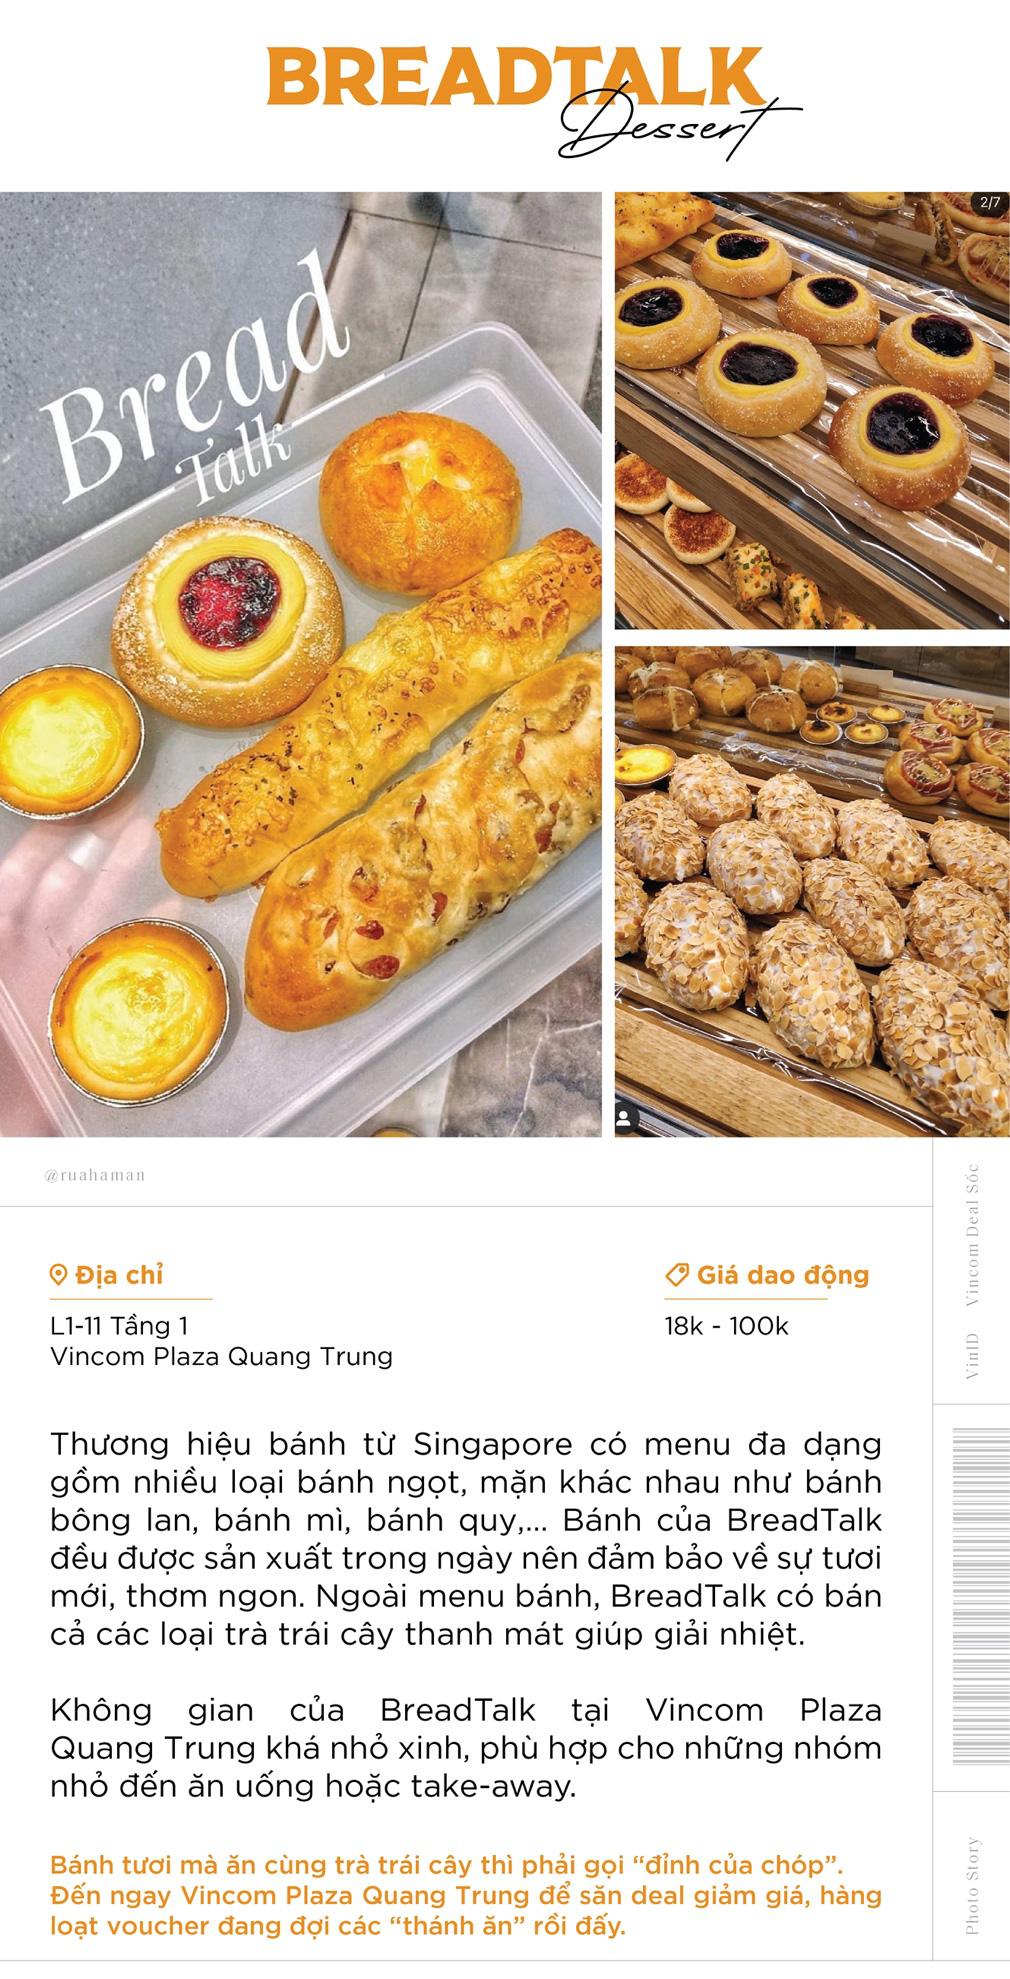 Sài Gòn nóng quá: Ghim ngay 5 địa điểm cho team hảo ngọt ăn bánh uống trà với giá cực hạ nhiệt trong dịp nghỉ lễ - Ảnh 4.